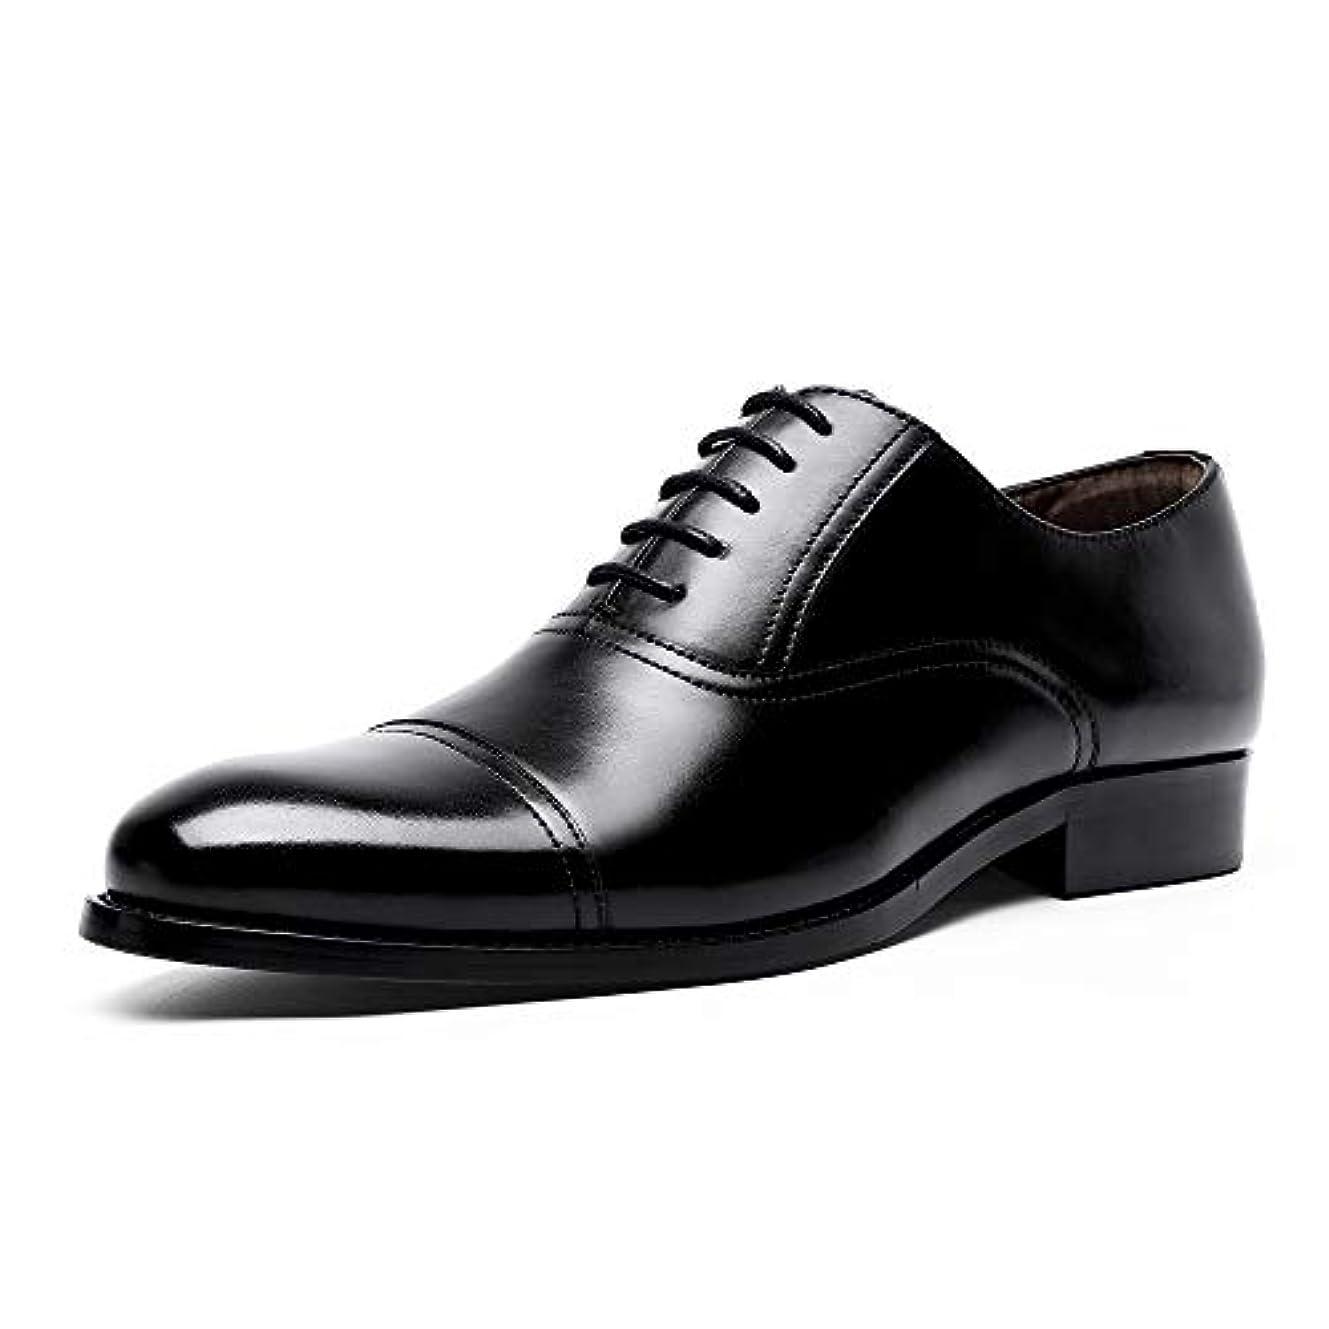 カール解放する辛いiKuma ビジネスシューズ メンズ 紳士靴 革靴 本革 高級靴 ストレートチップ 履きやすい 通気性 レースアップ フォーマル 冠婚葬祭